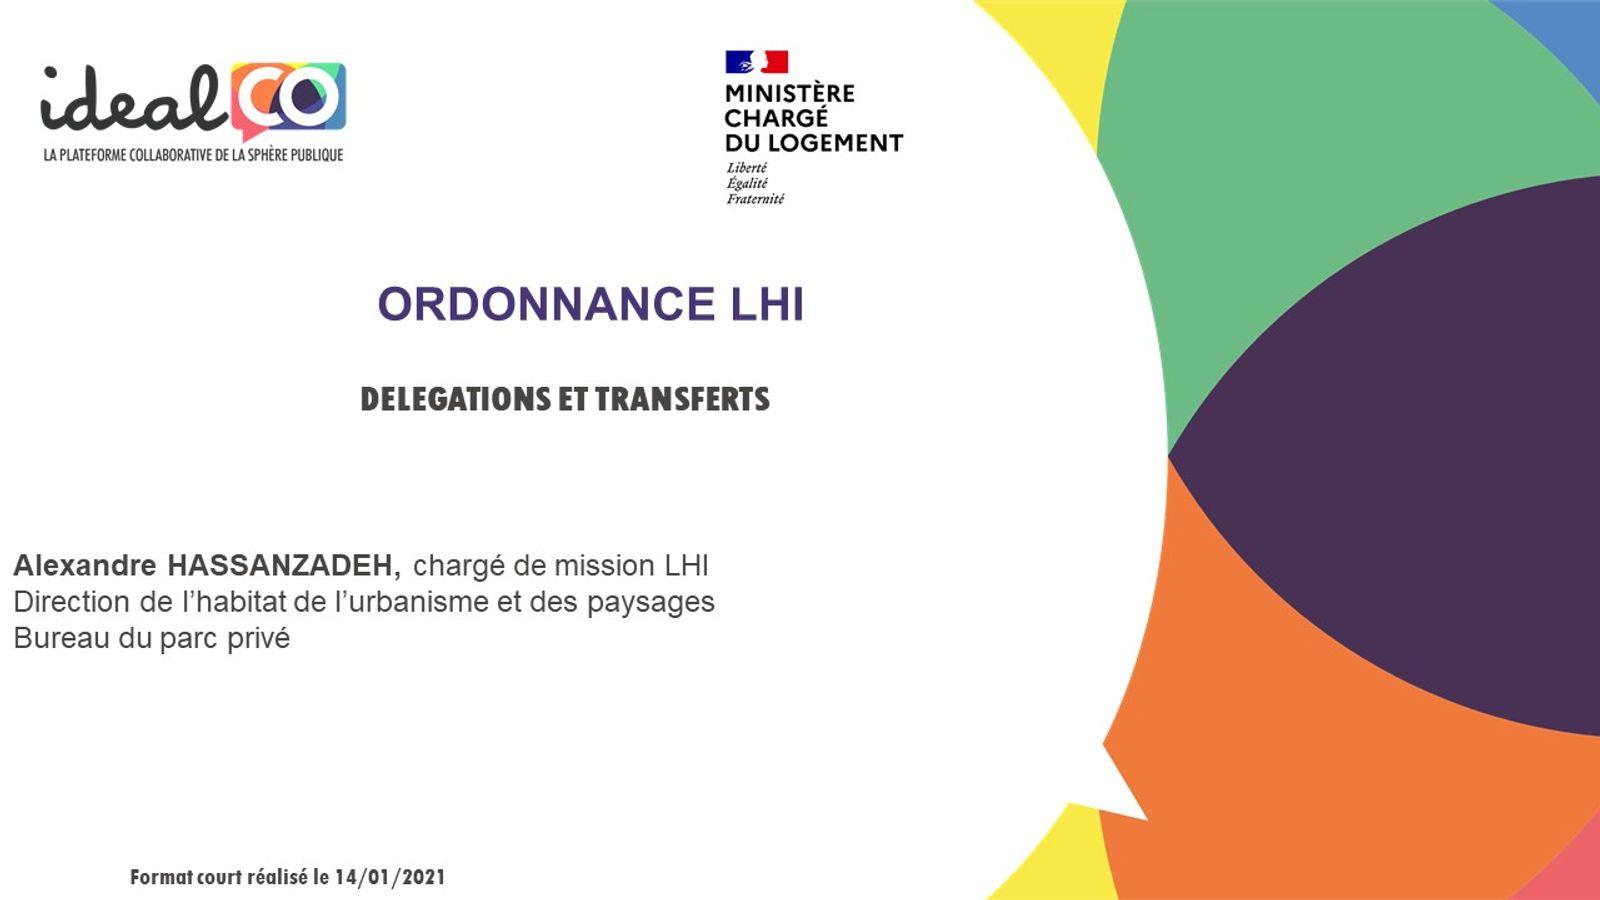 [FORMAT COURT] Les apports de l'ordonnance LHI du 16/09/2020 : transferts et délégation de pouvoirs de police